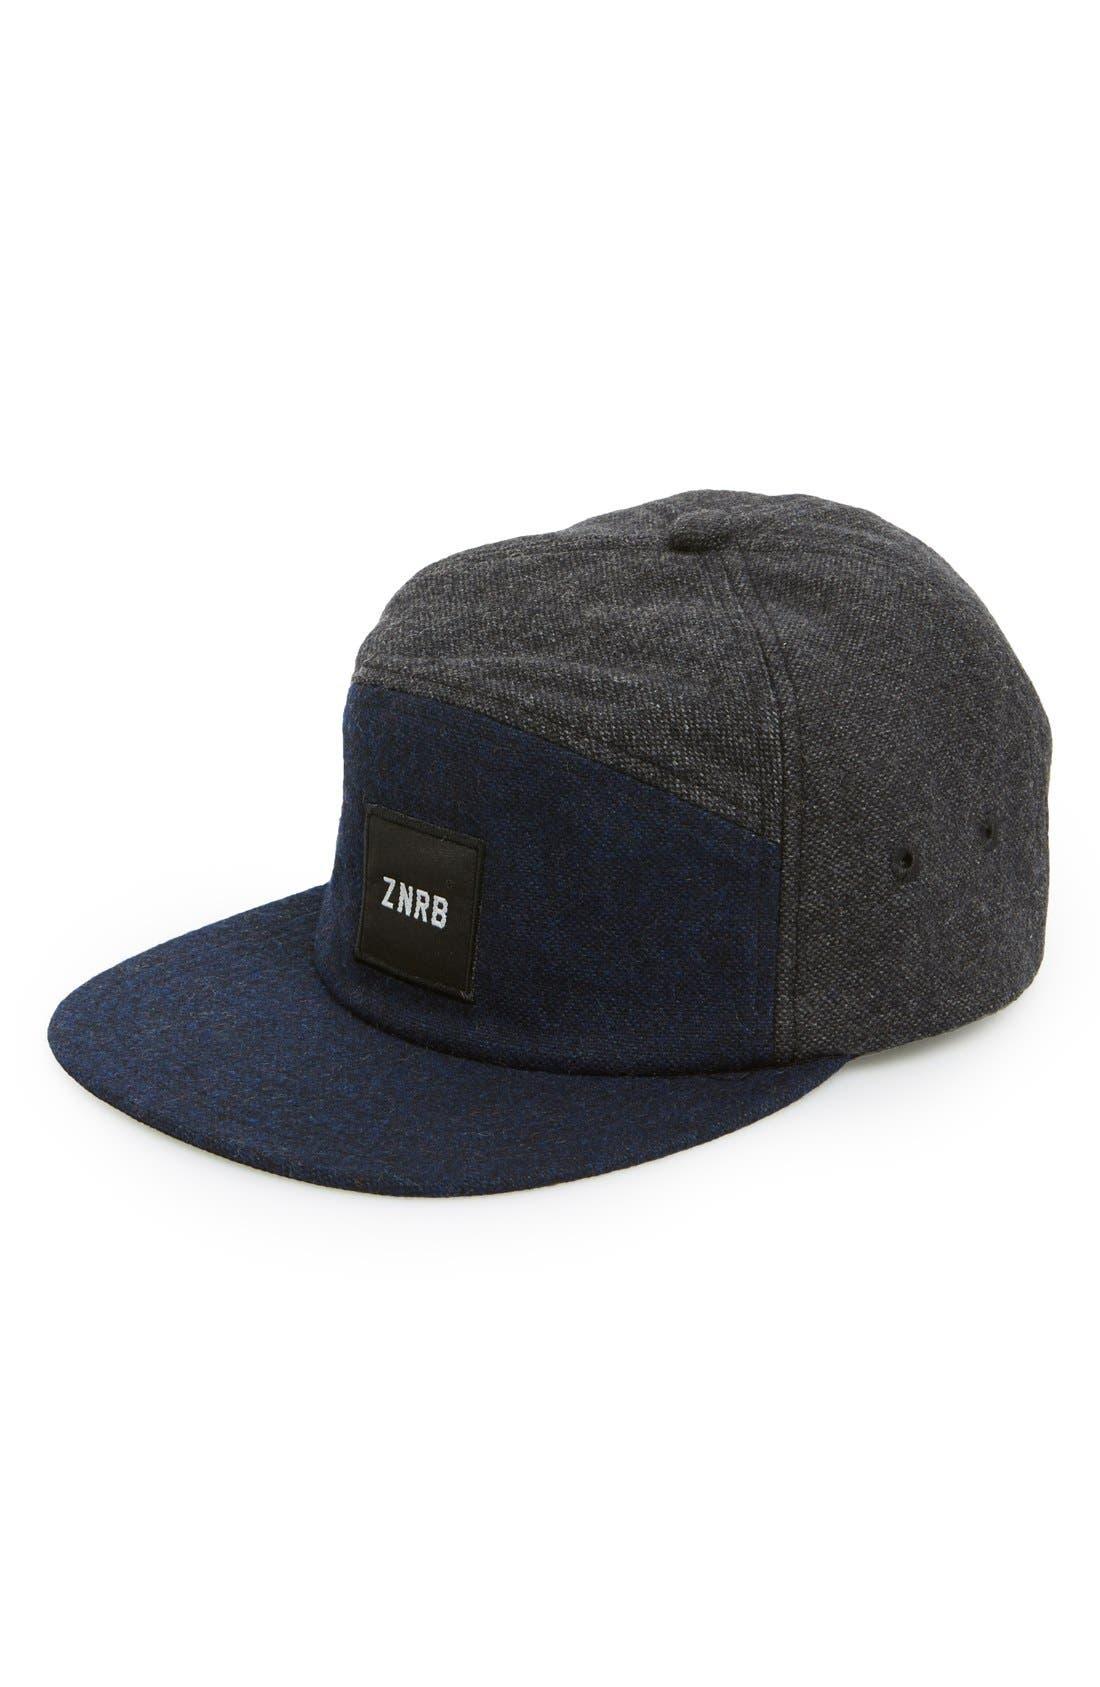 Cap, Main, color, 063